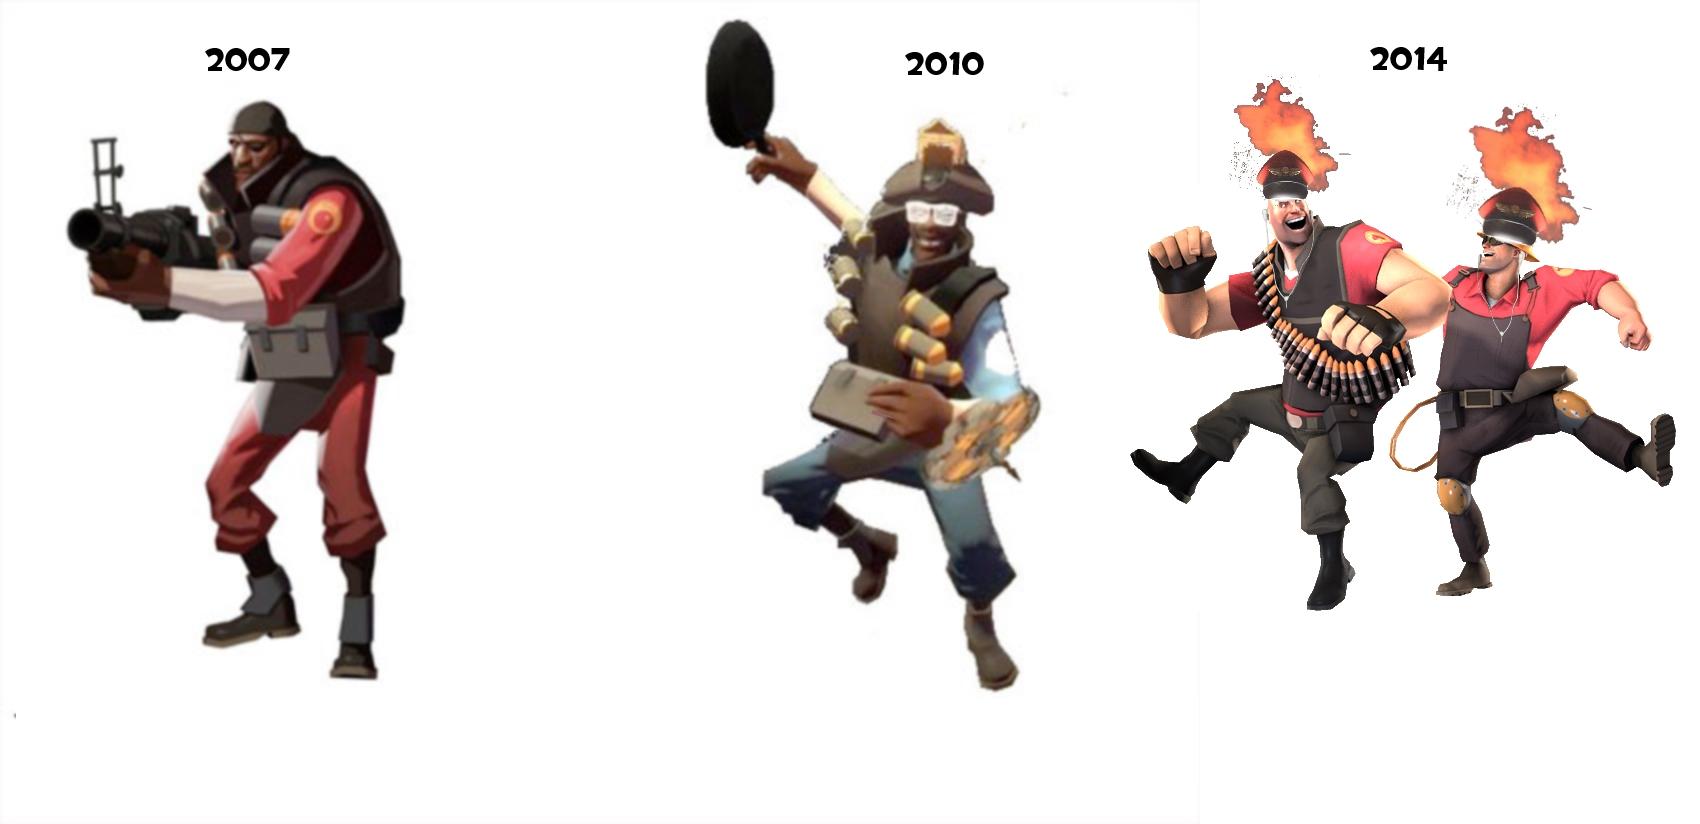 2007 2010 2014 Team Fortress 2 Garrys Mod The Elder Scrolls V Skyrim Quake Dota